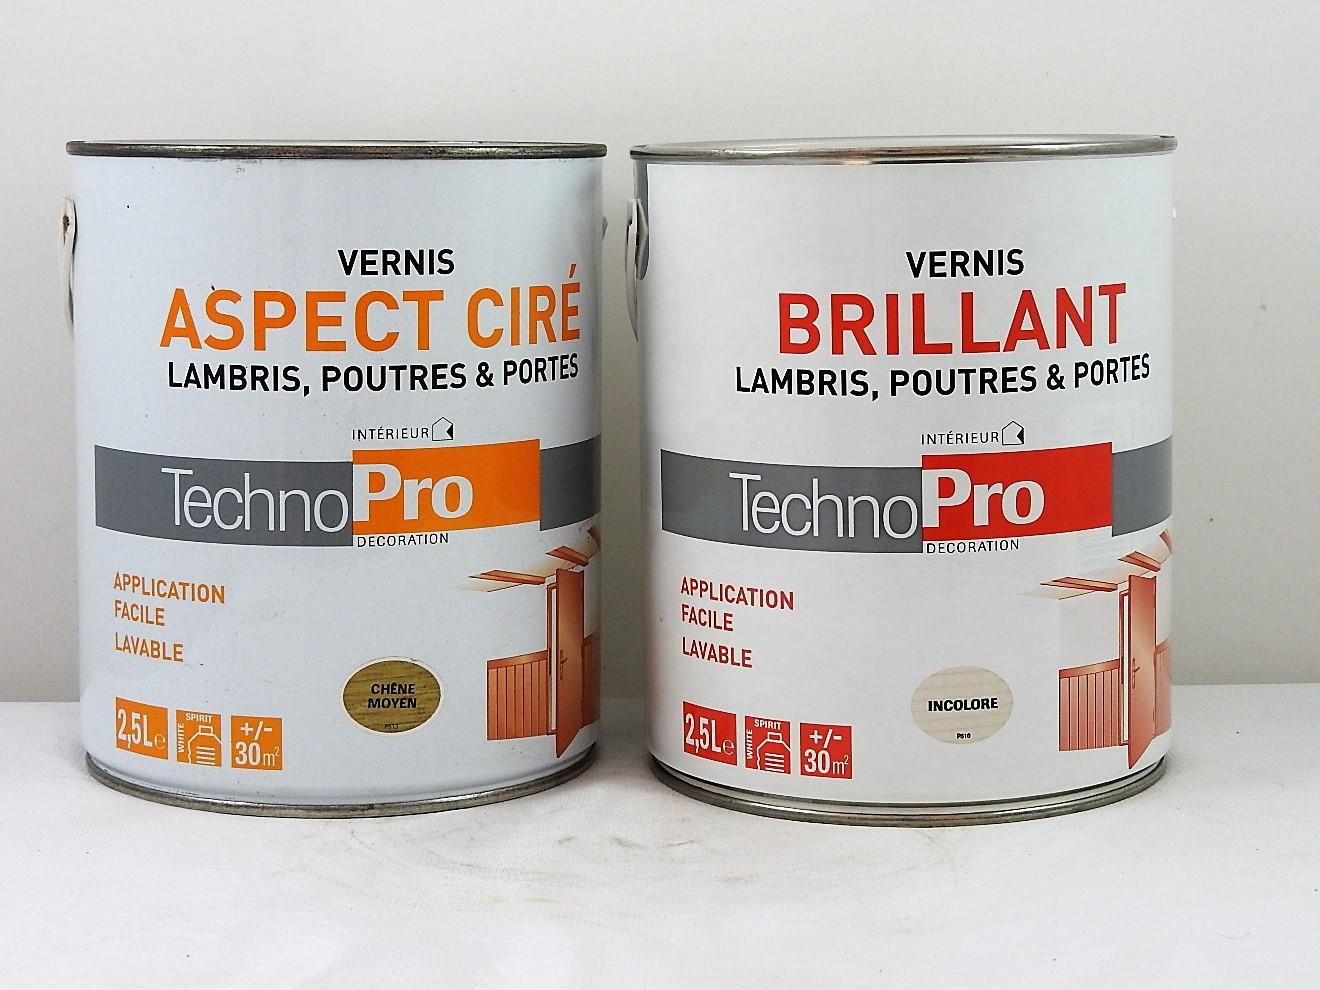 vernis lambris poutres portes technopro 2 5l technopro vernis technopro 2 5l g 39 peint. Black Bedroom Furniture Sets. Home Design Ideas